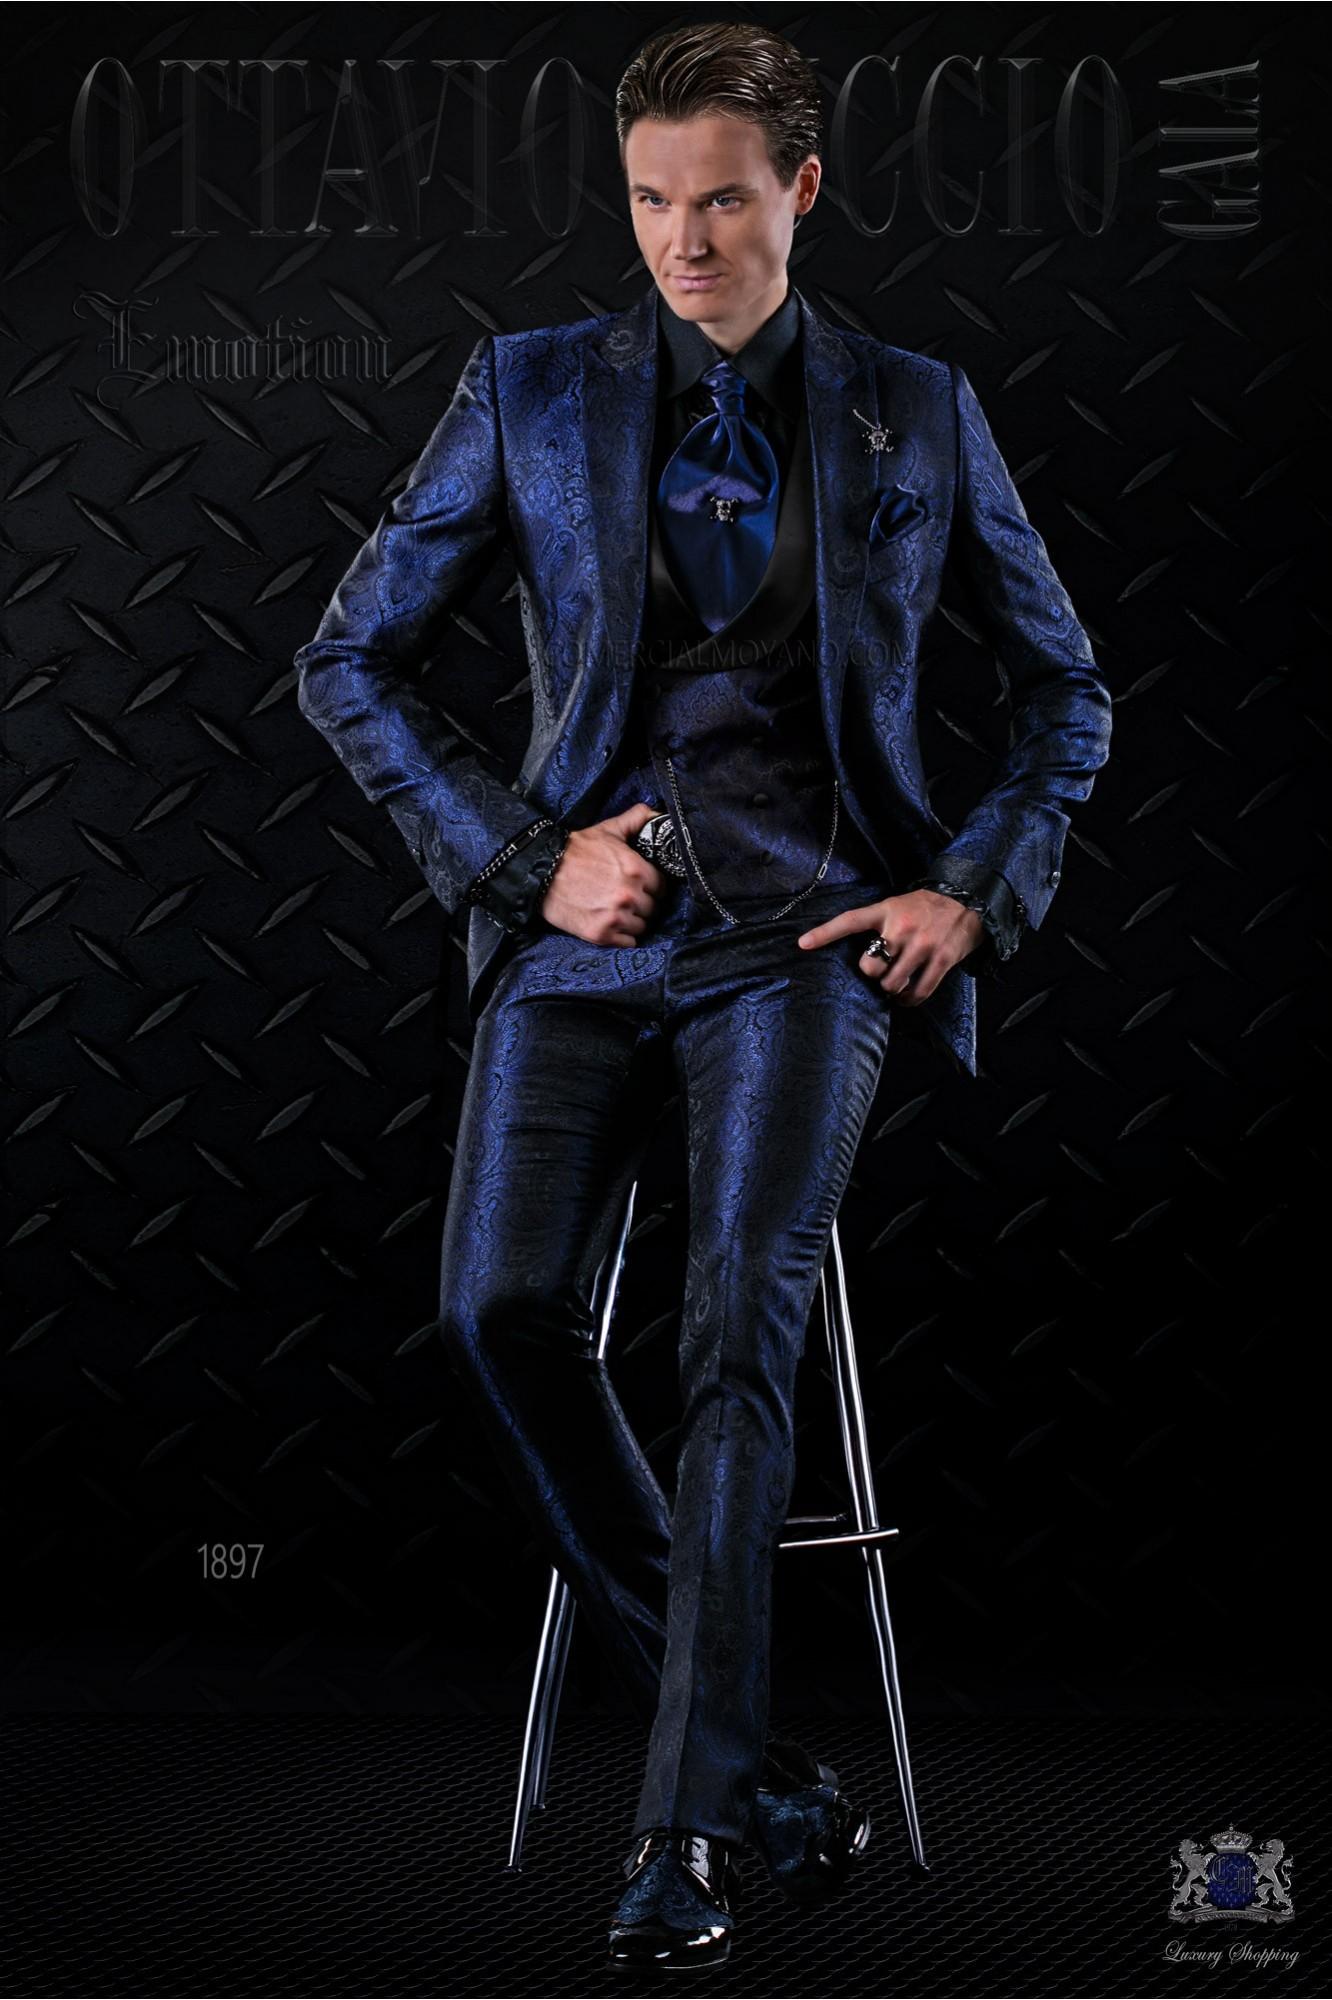 Traje de moda italiano a medida gótico de jacquard azul modelo: 1897 Ottavio Nuccio Gala colección Emotion